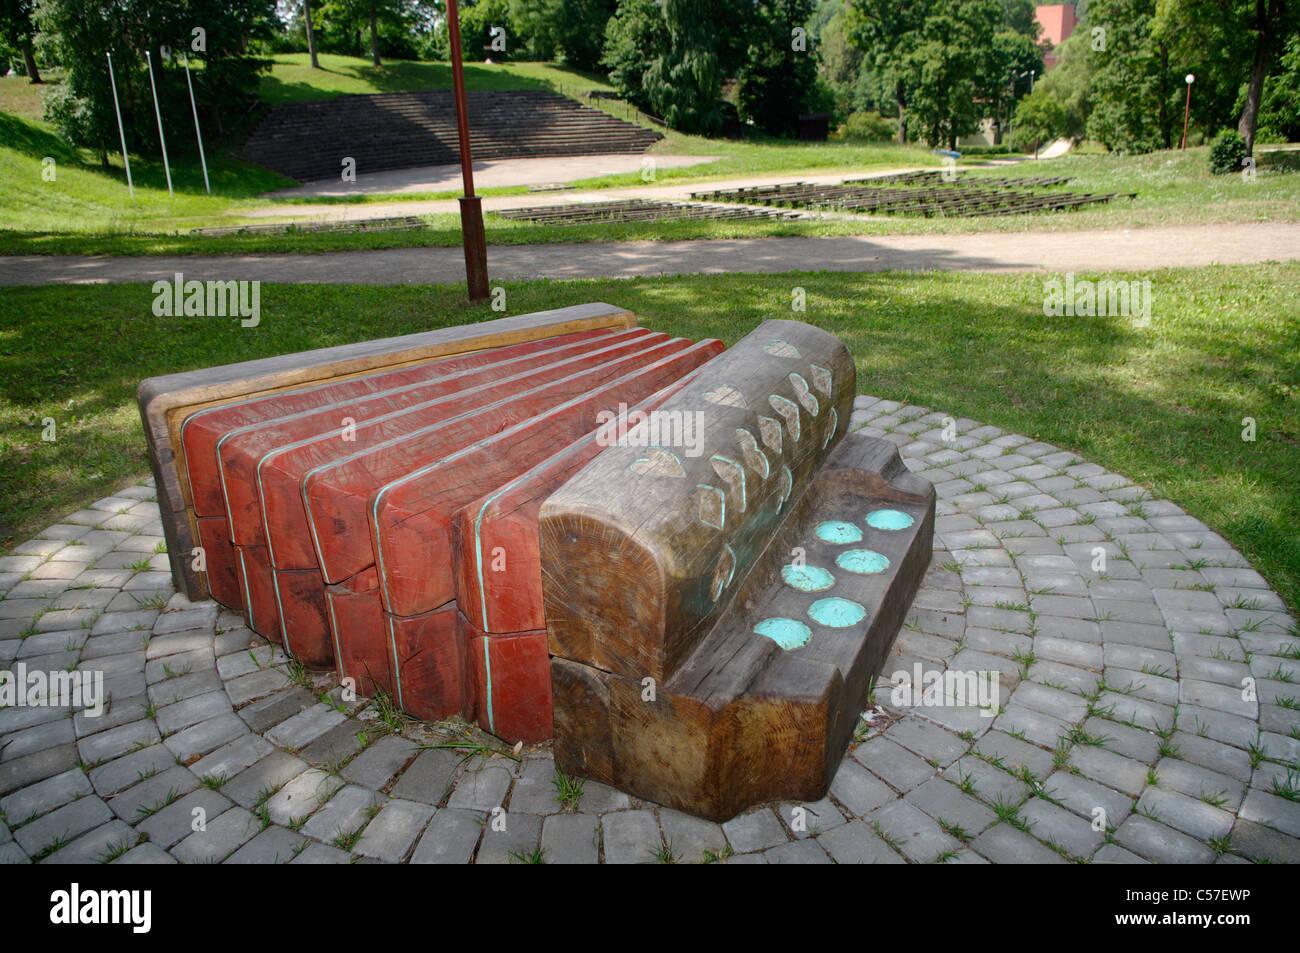 Concertina Stock Photos Amp Concertina Stock Images Alamy